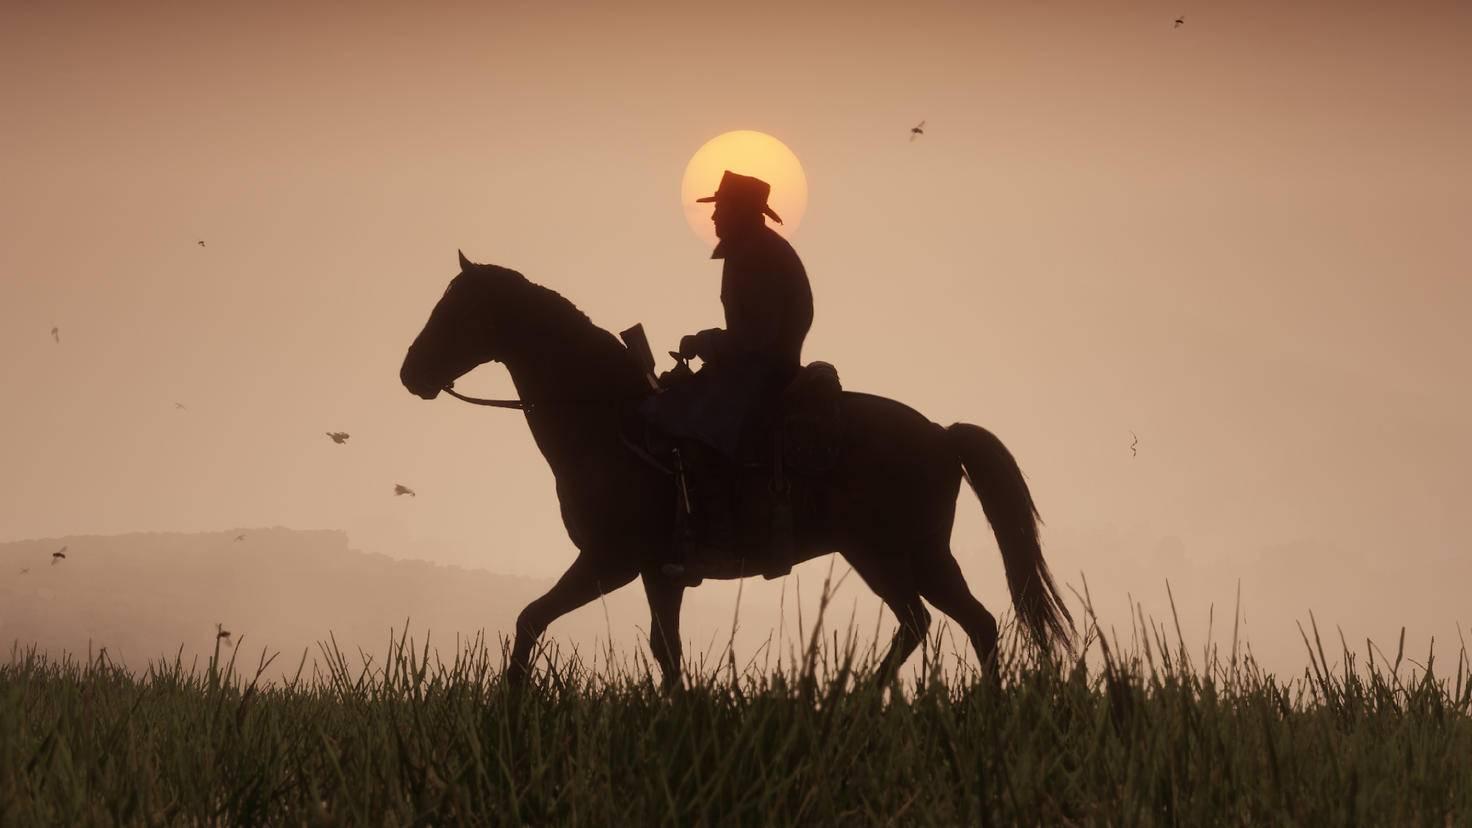 Pflege Deinen Outlaw gut!